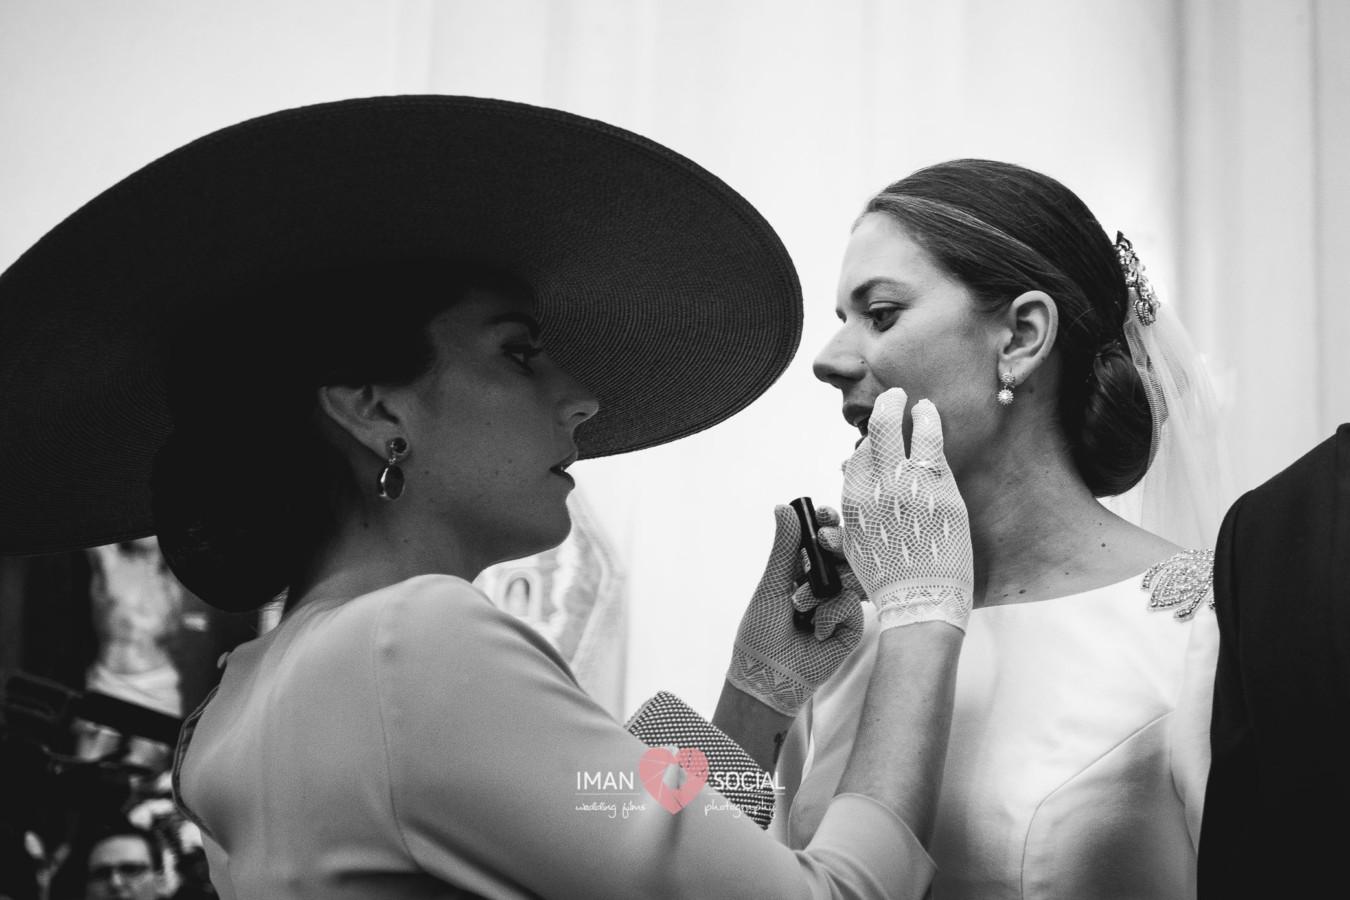 fotografo-de-boda-en-cordoba-sevilla-posadas-boda-auxi-y-antonio-29 Auxi & Antonio, primera boda de la temporada - video boda cordoba